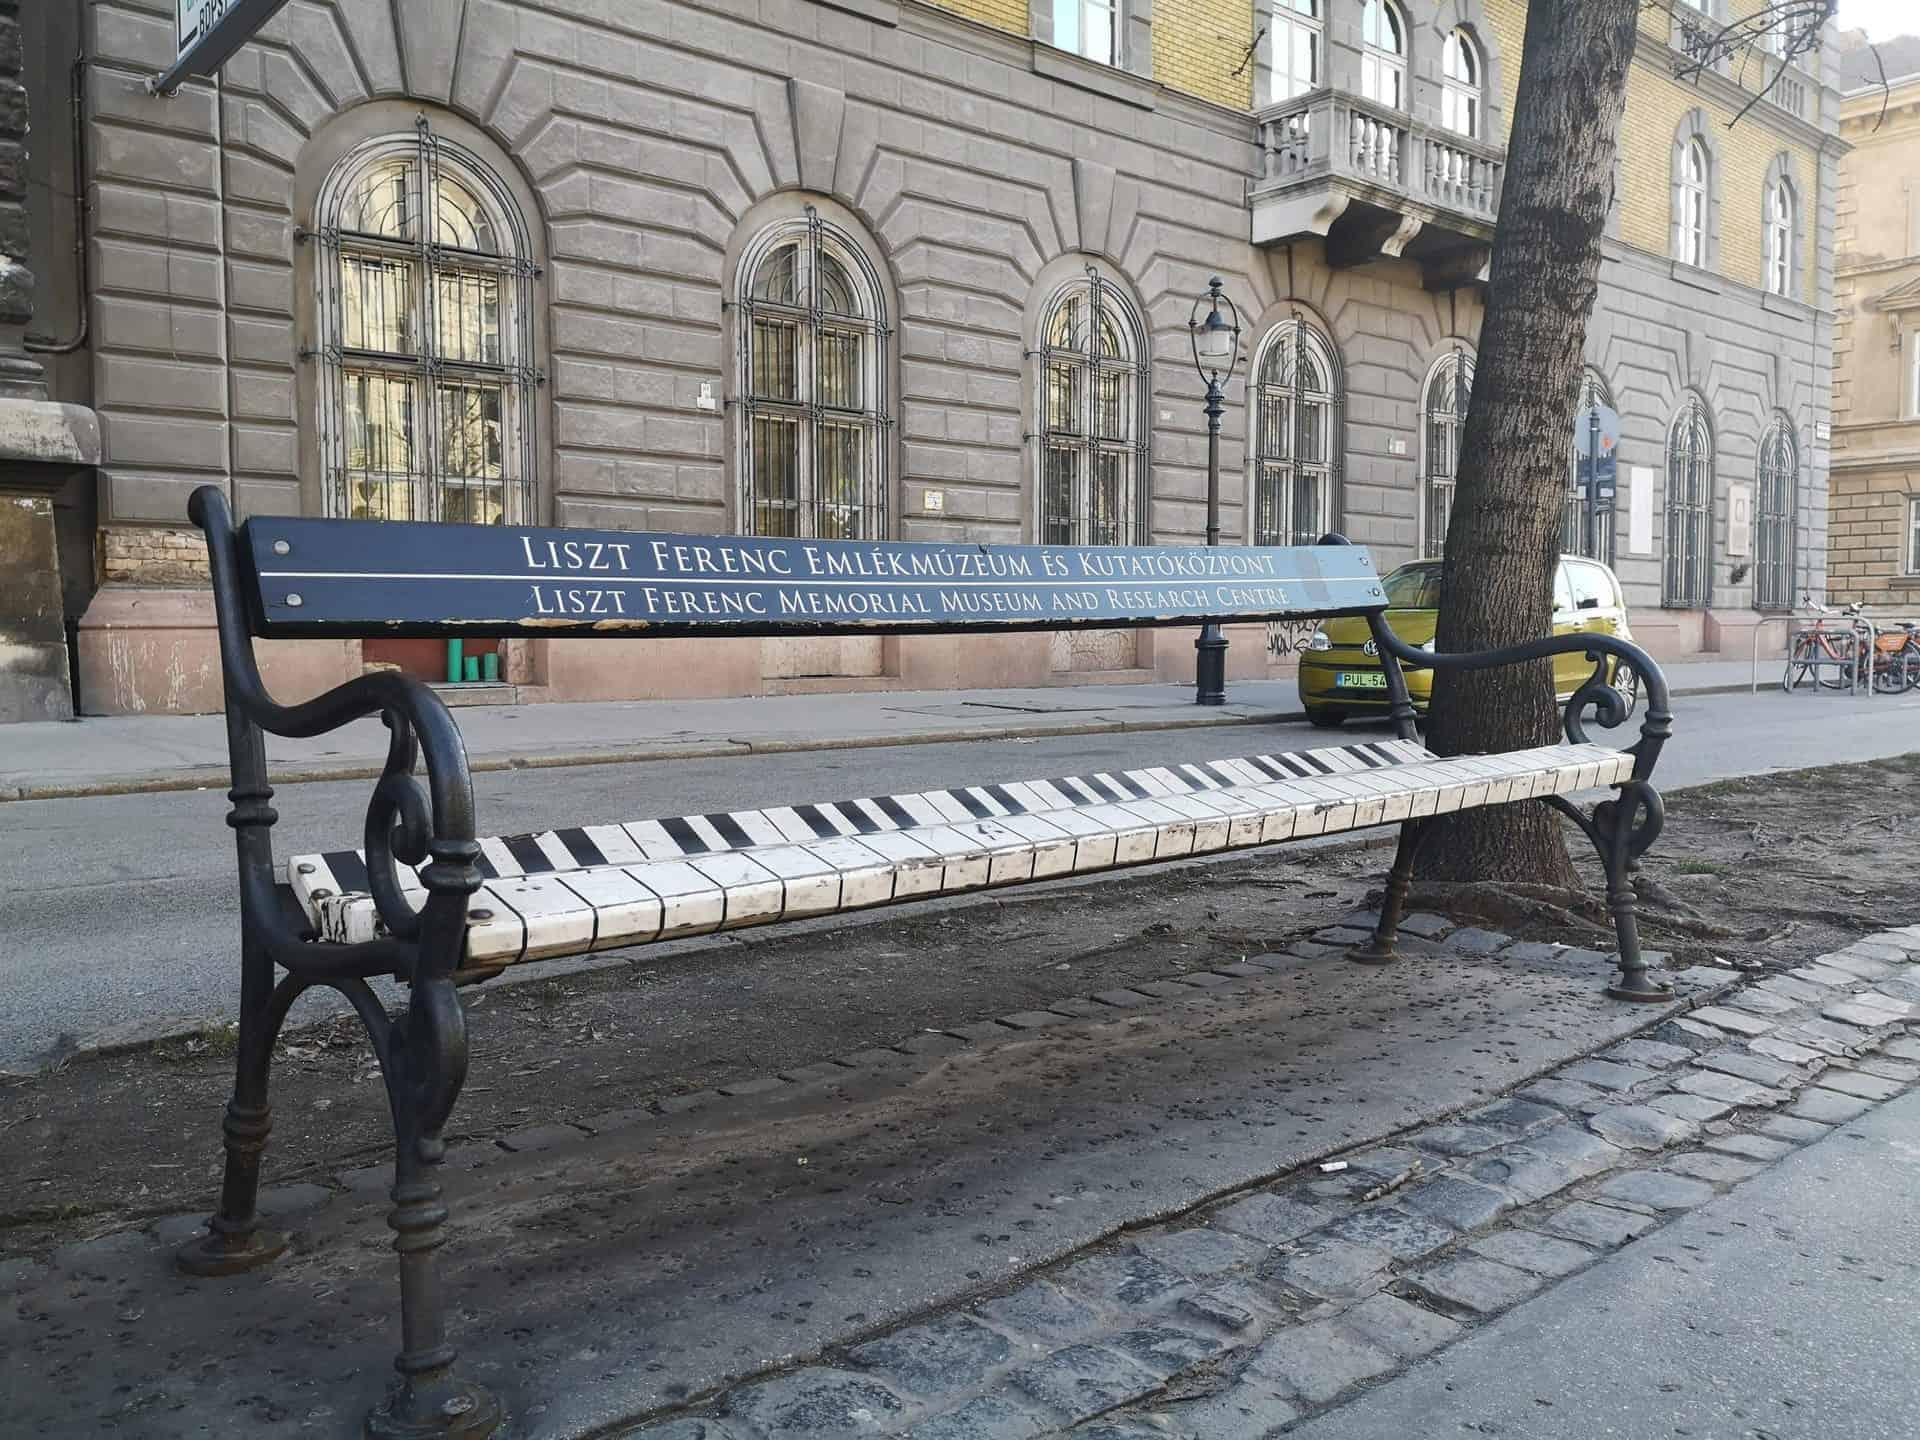 historicalbudapest_Millennial Budapest 2 - Franz Liszt Memorial Museum_A